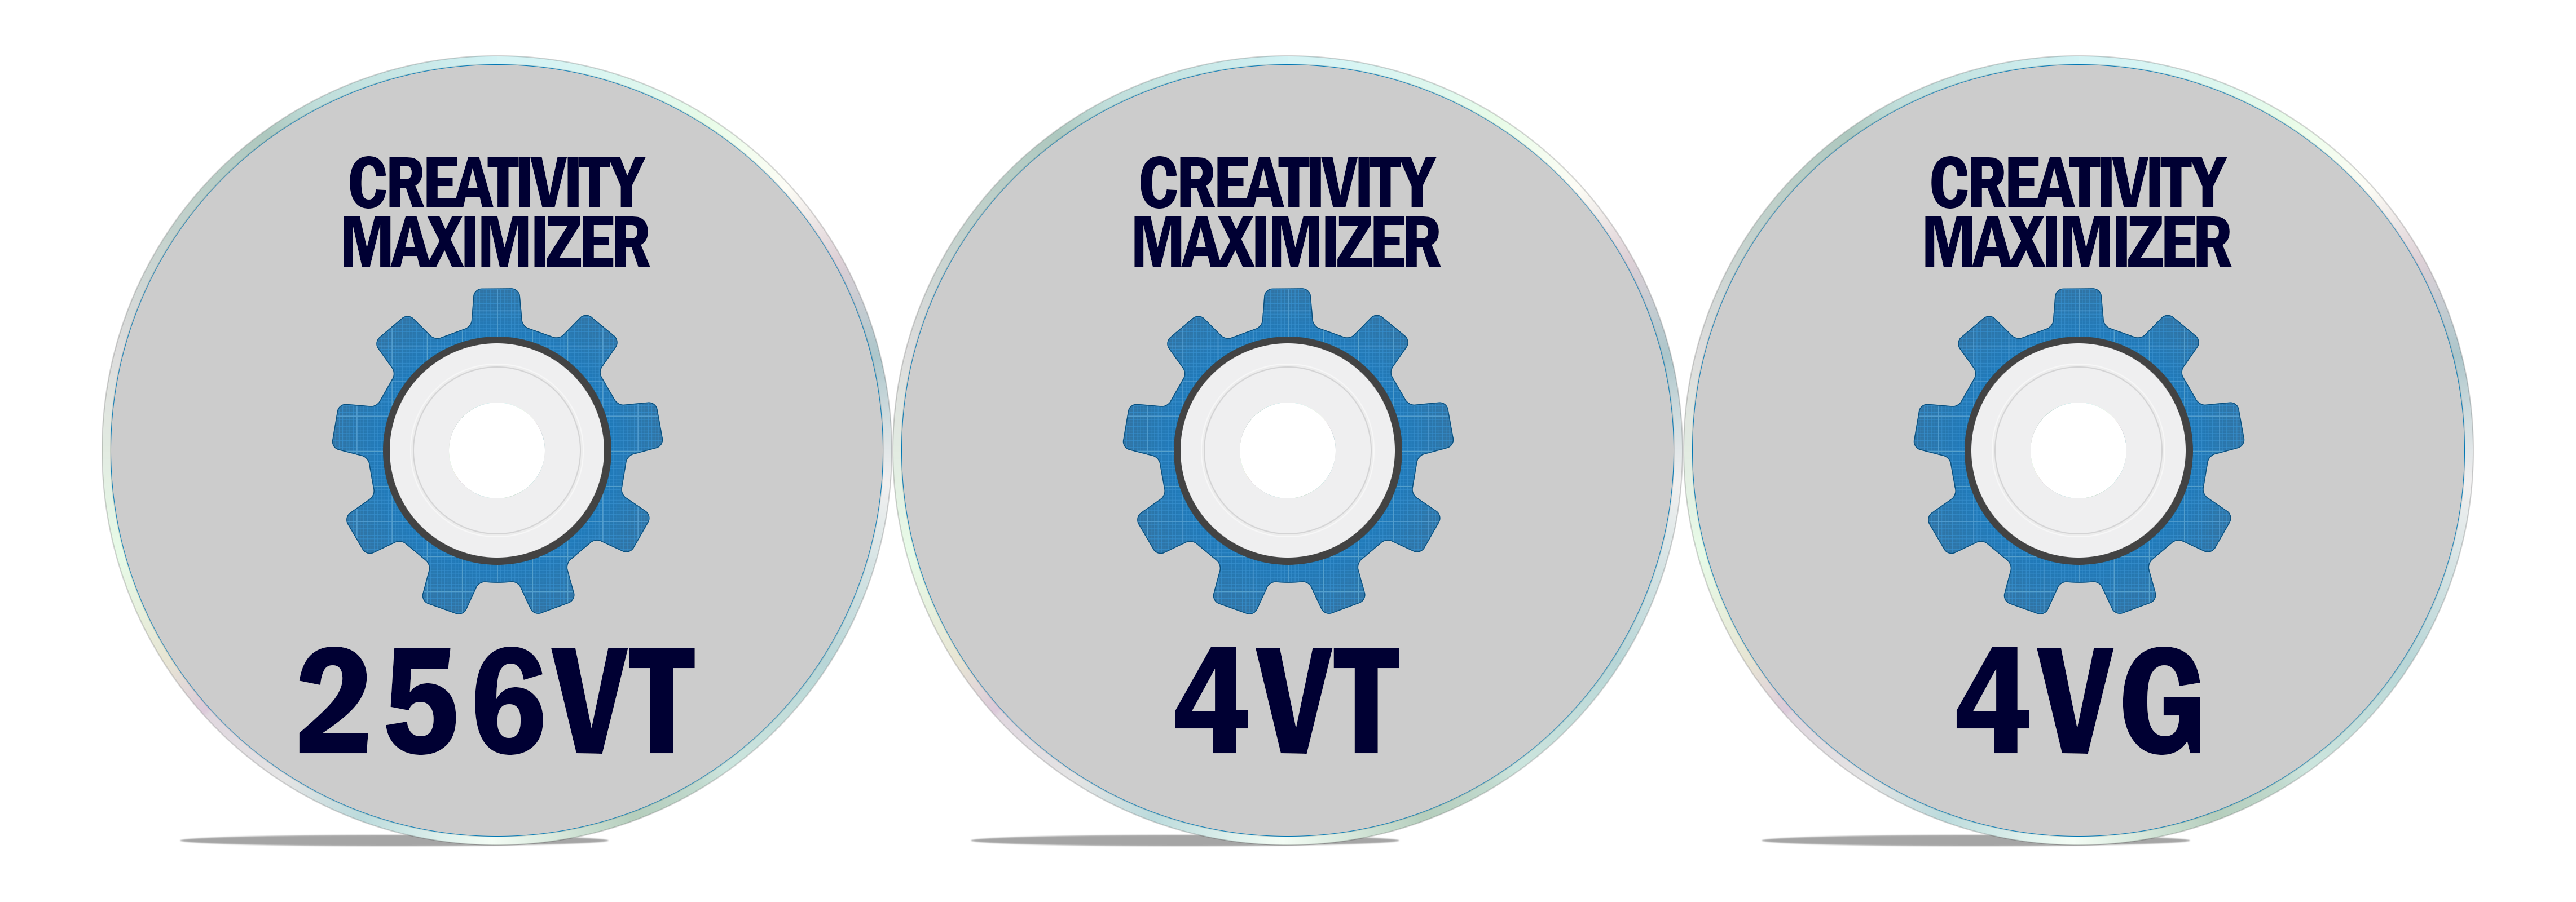 Creativity Maximizer